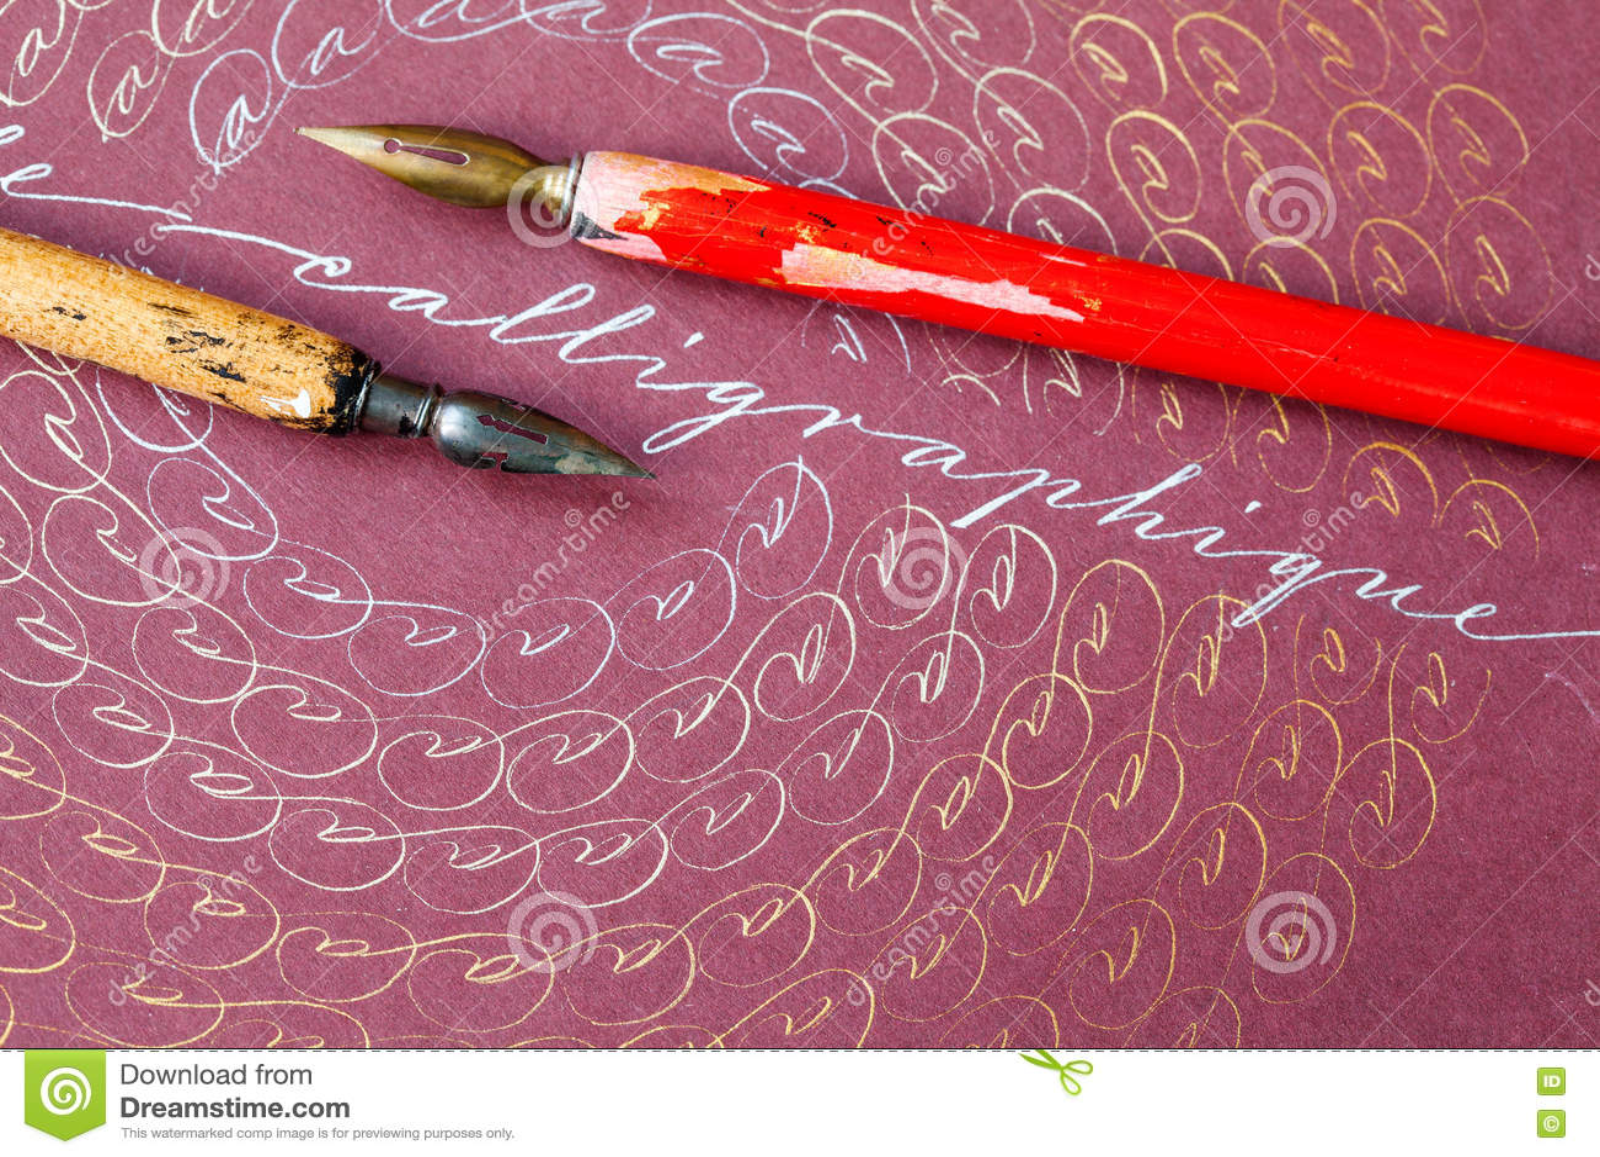 stylos plumes en bois cadre artistique avec les lettres a concept de word calligraphique encre argentee en bronze papier rose photo stock image du bronze lettre 77399424